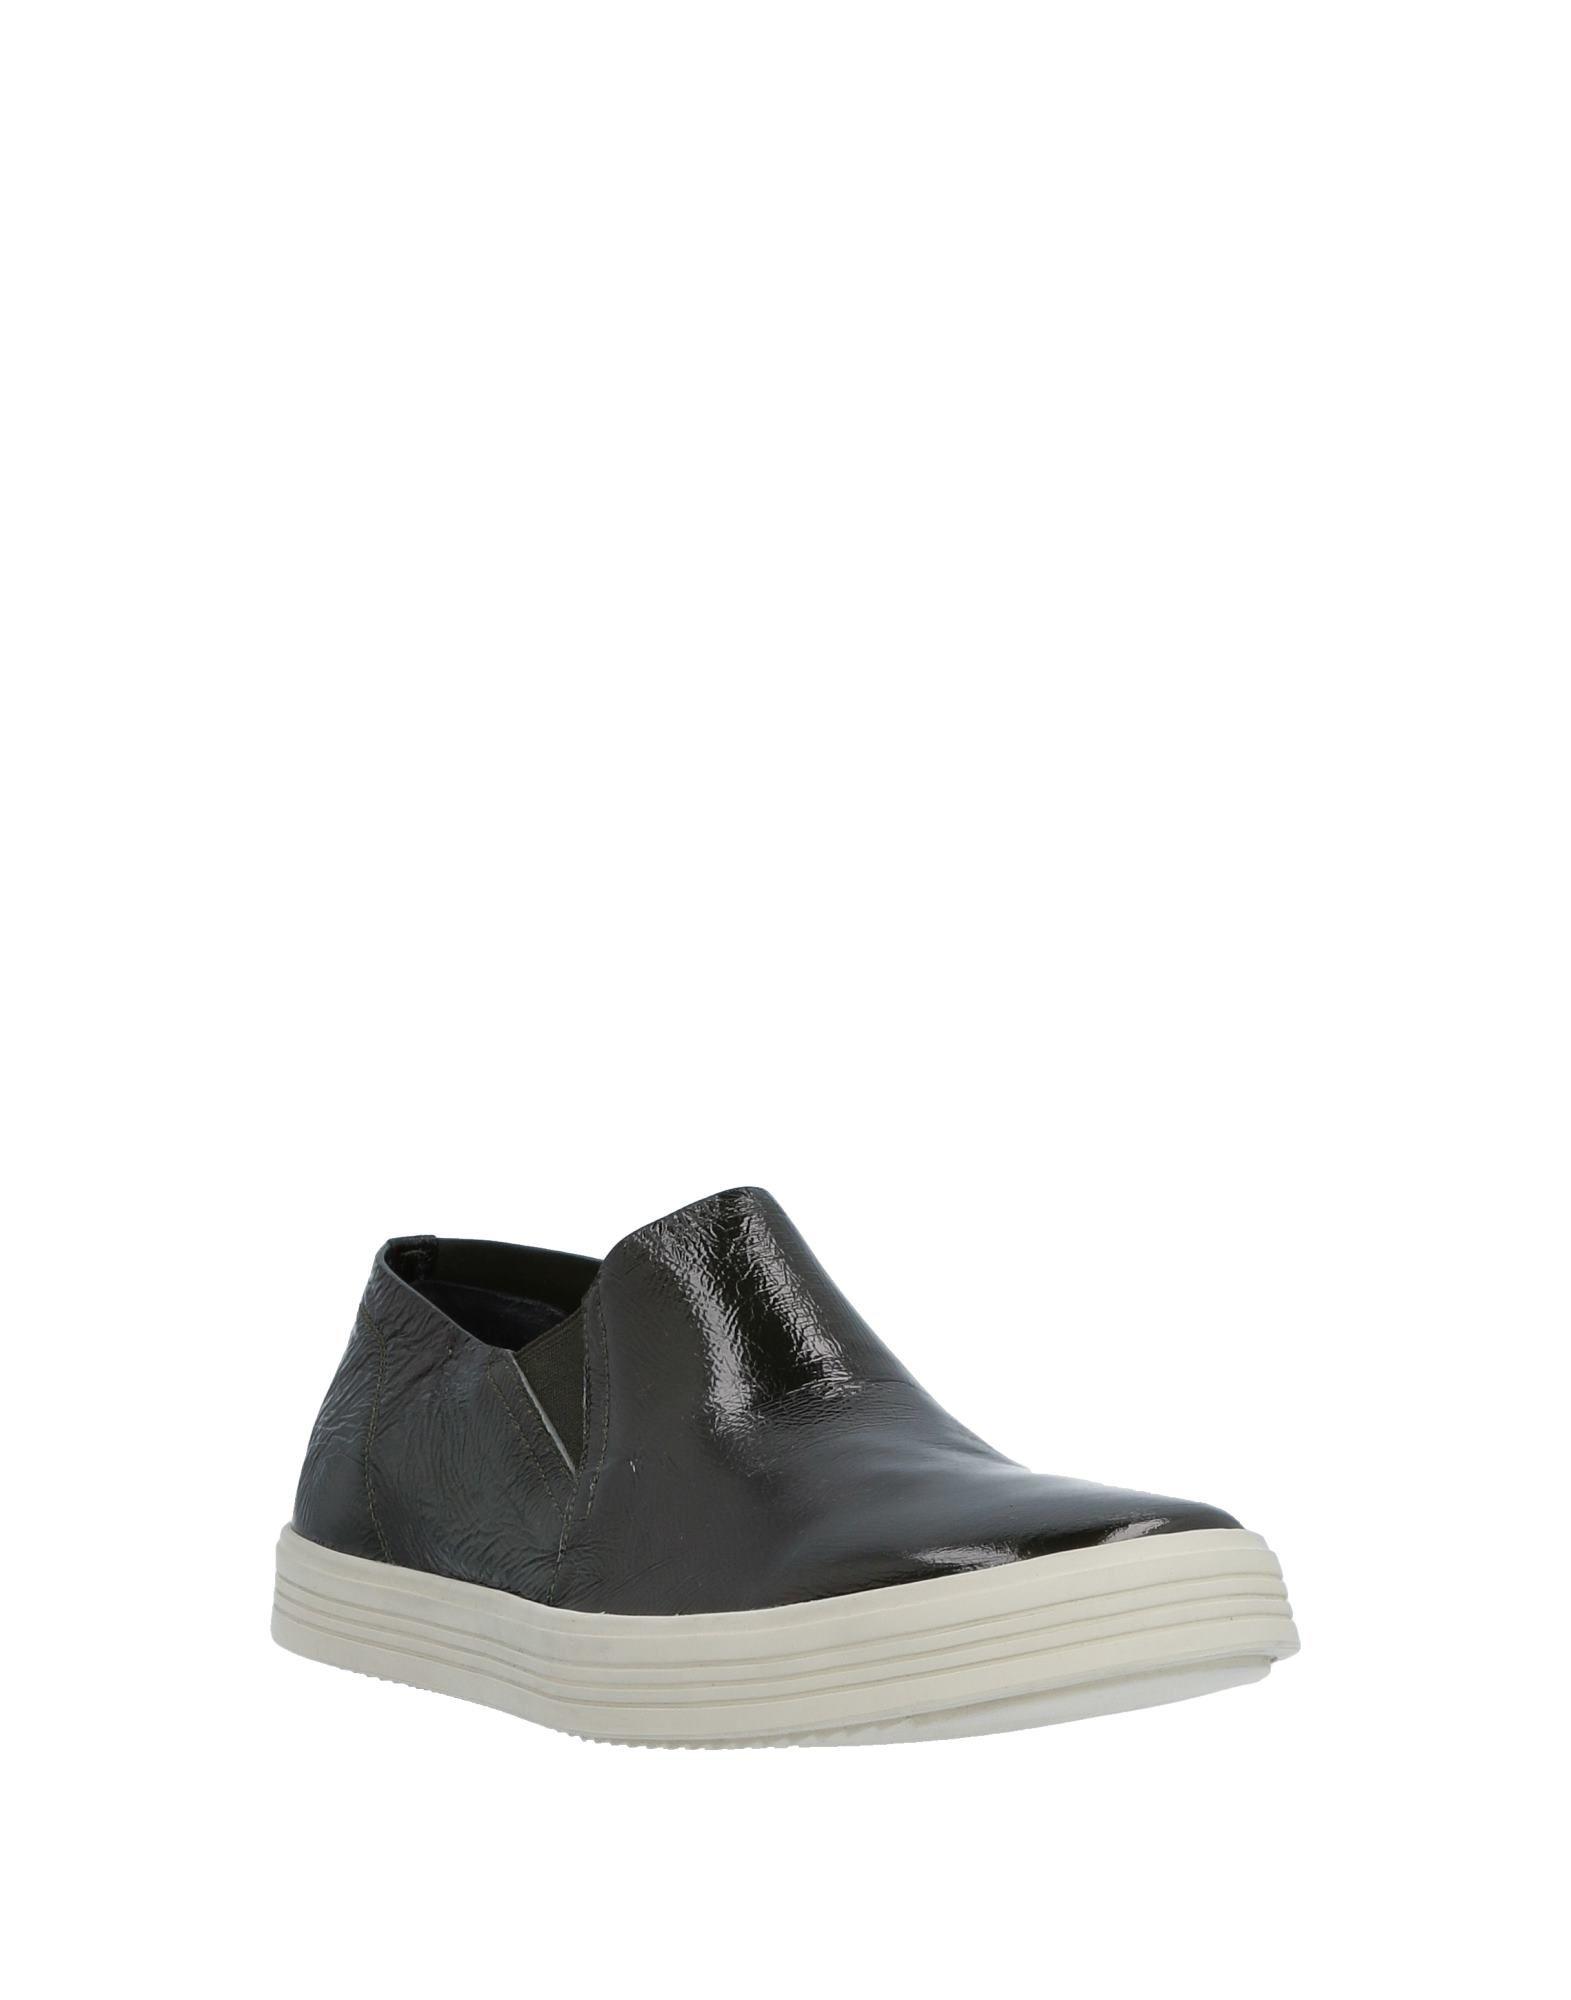 Rick Owens Sneakers Sneakers Sneakers Herren  11519927JB 1e09bf